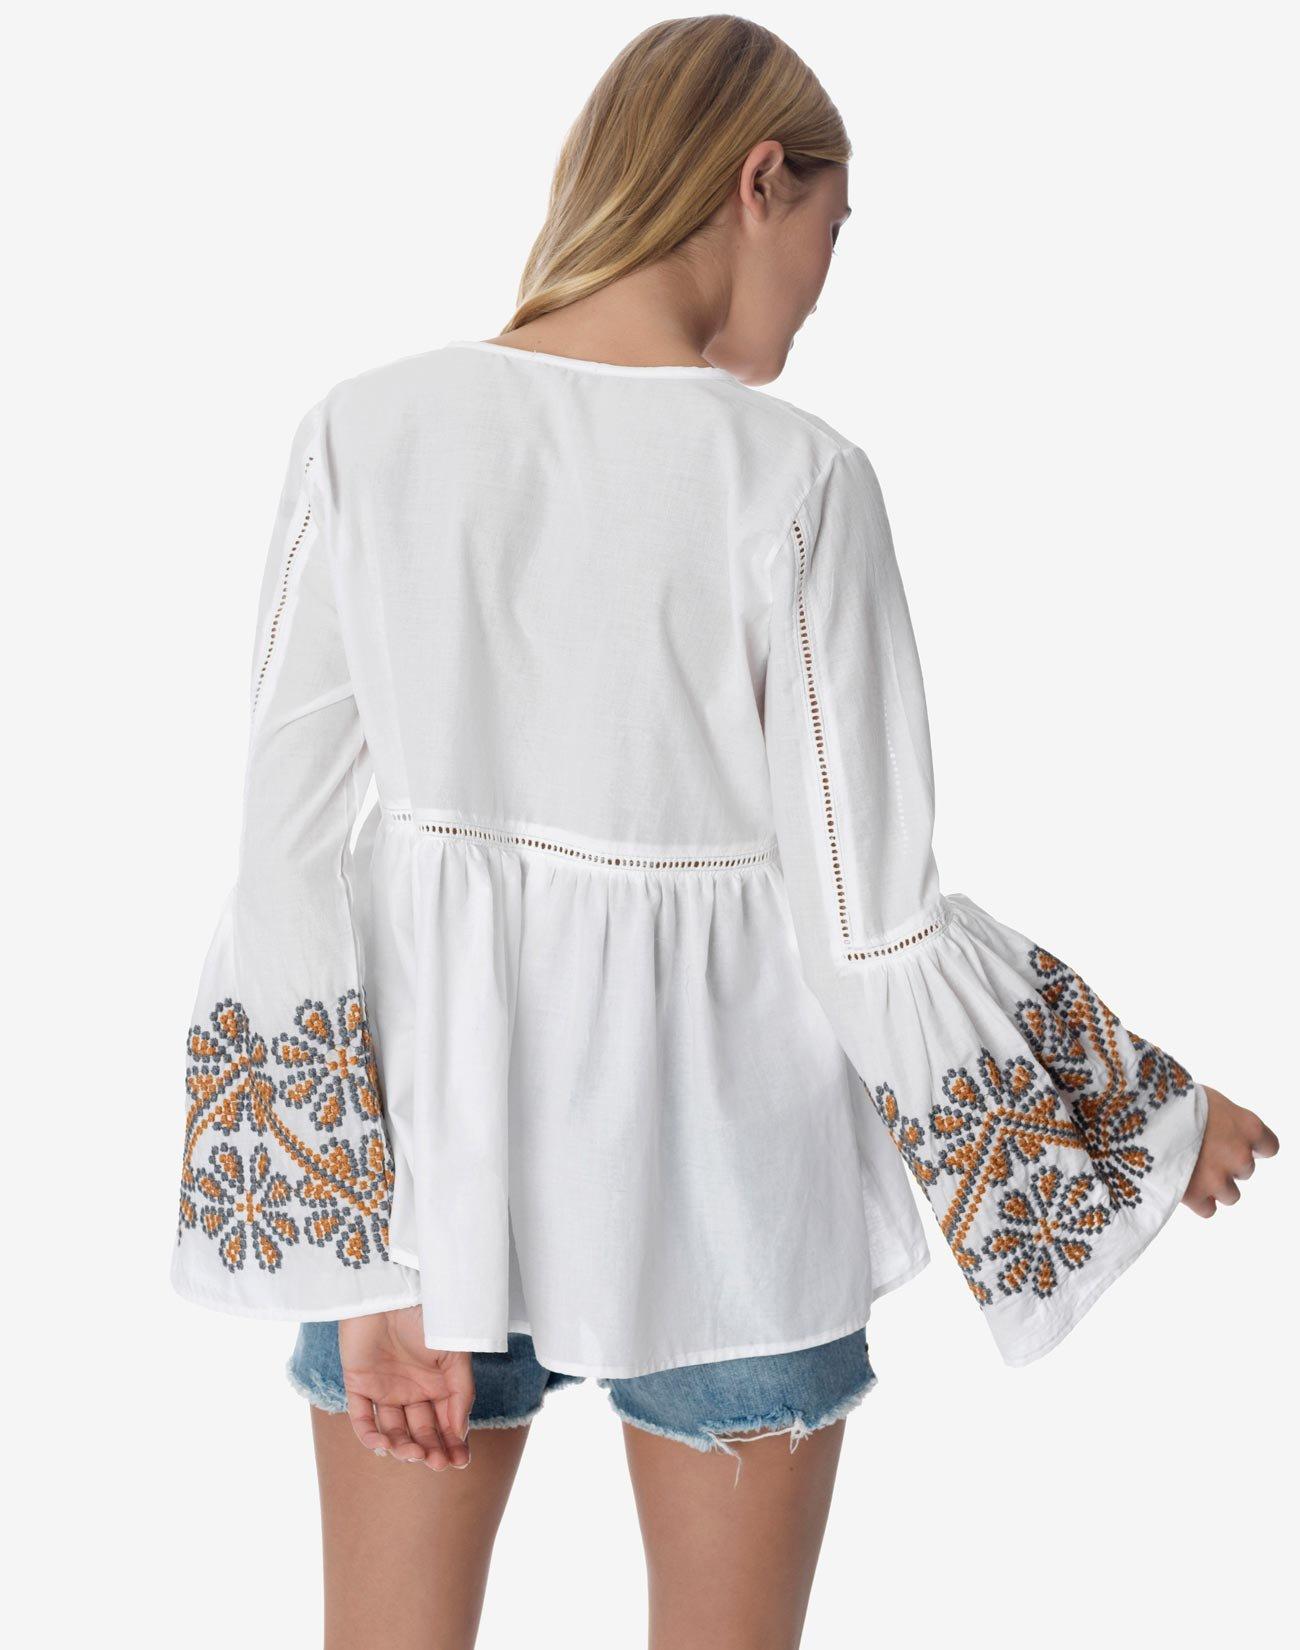 Μπλούζα με κέντημα στο μάνικι